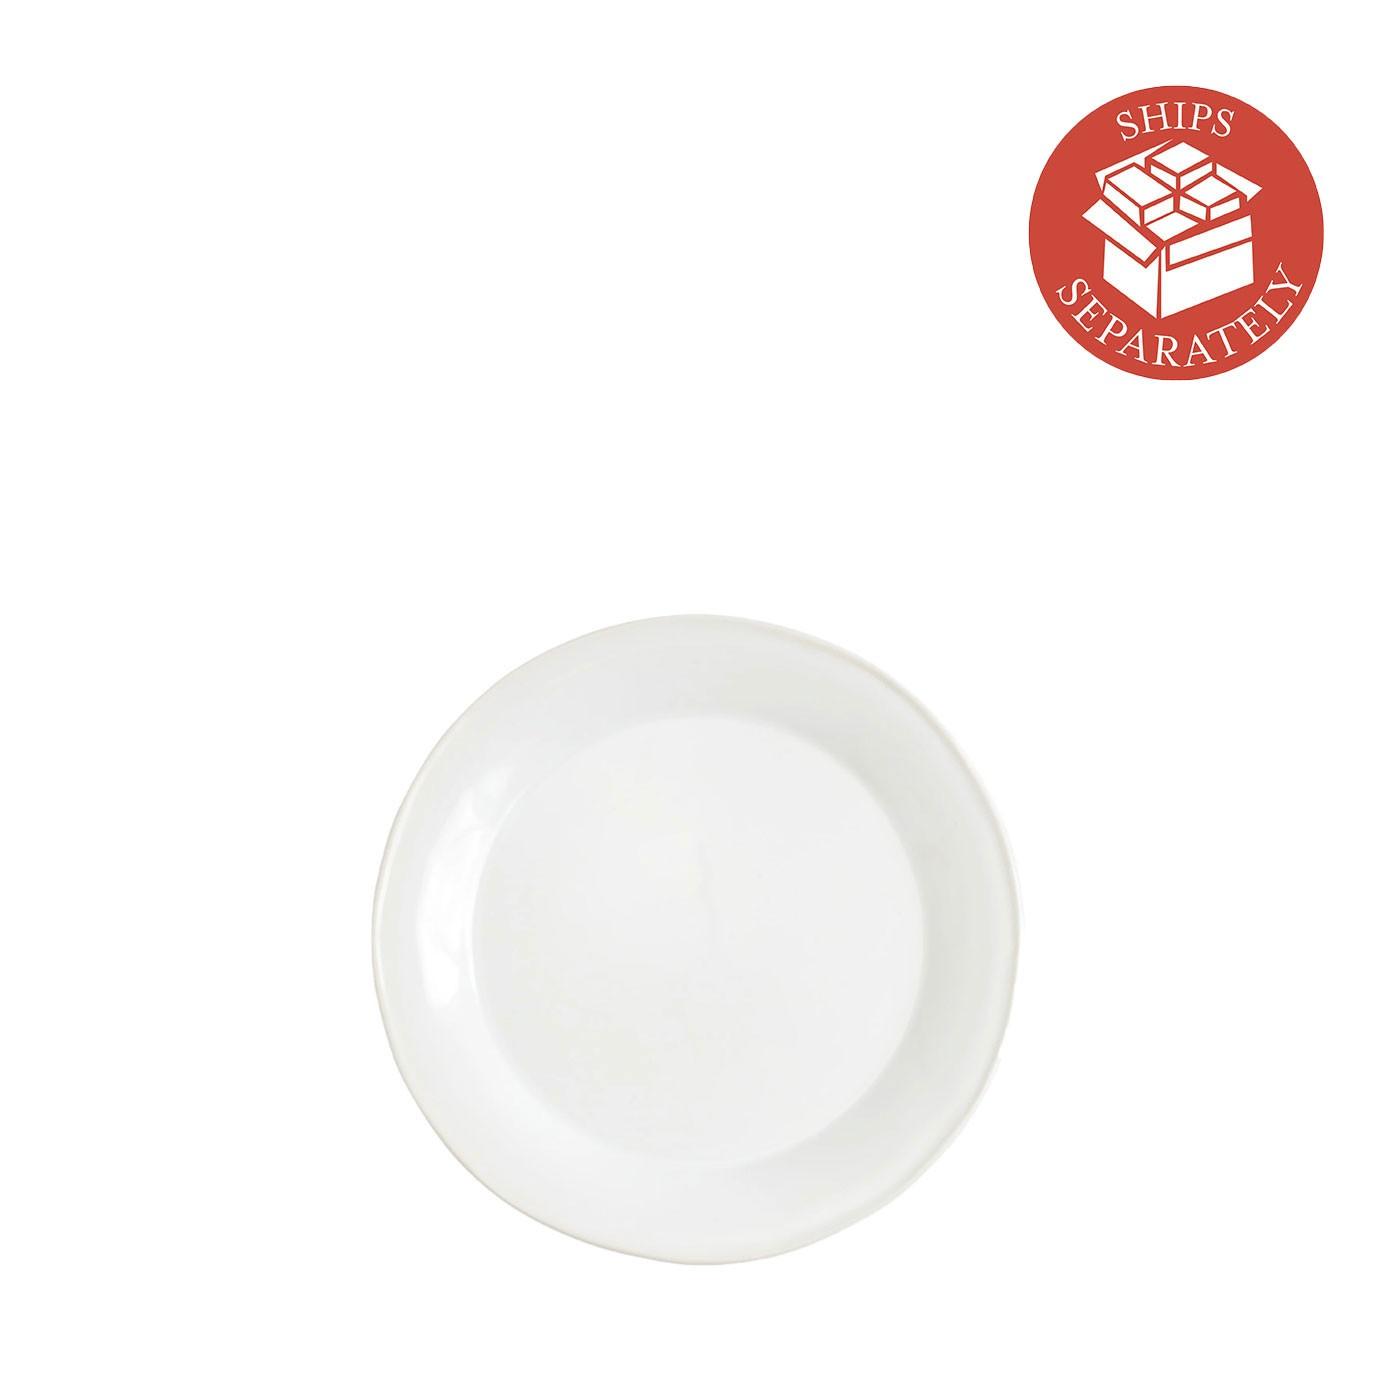 Chroma White Salad Plate - Vietri | Eataly.com